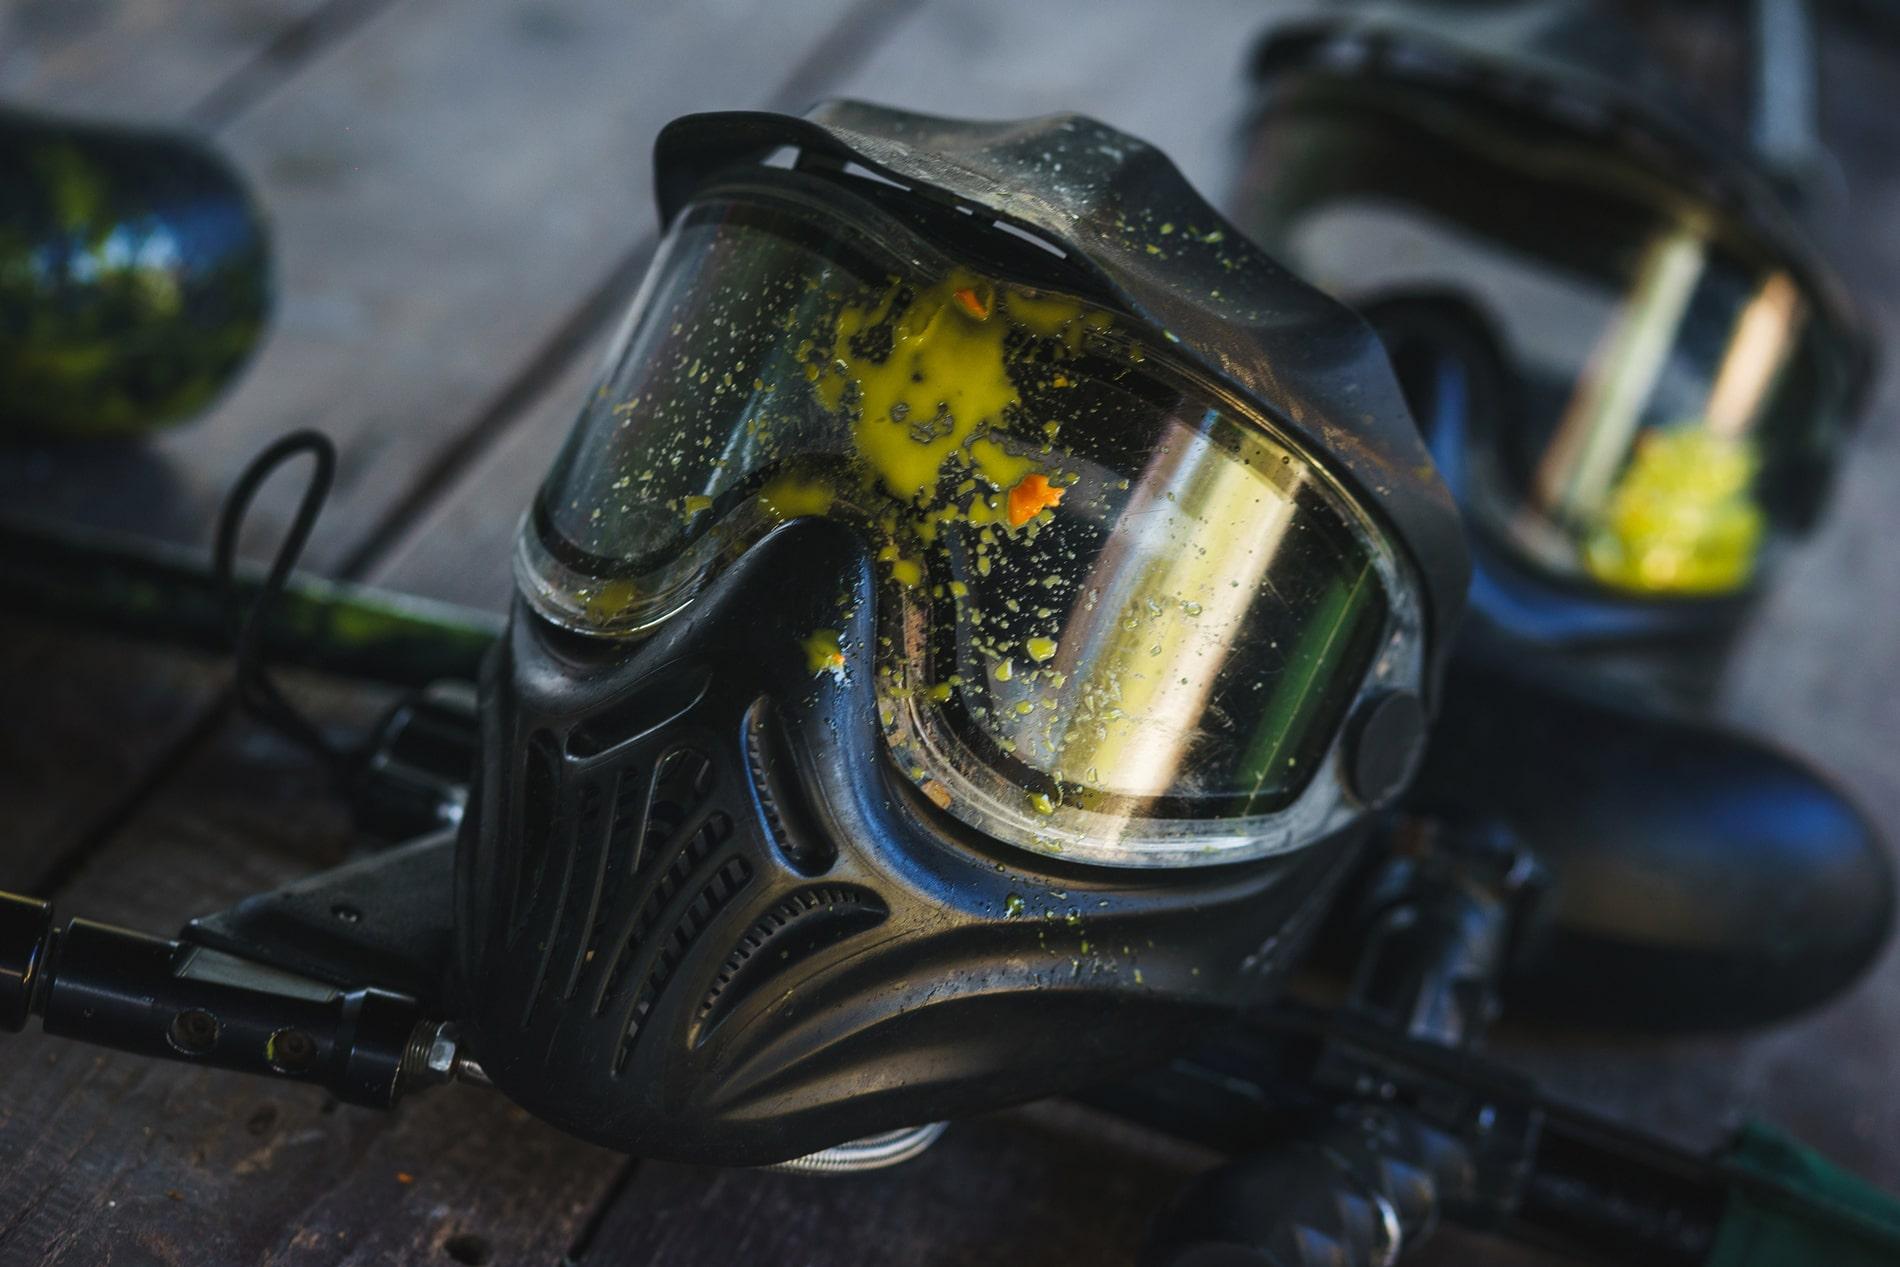 Paintballmaske angeschlagen